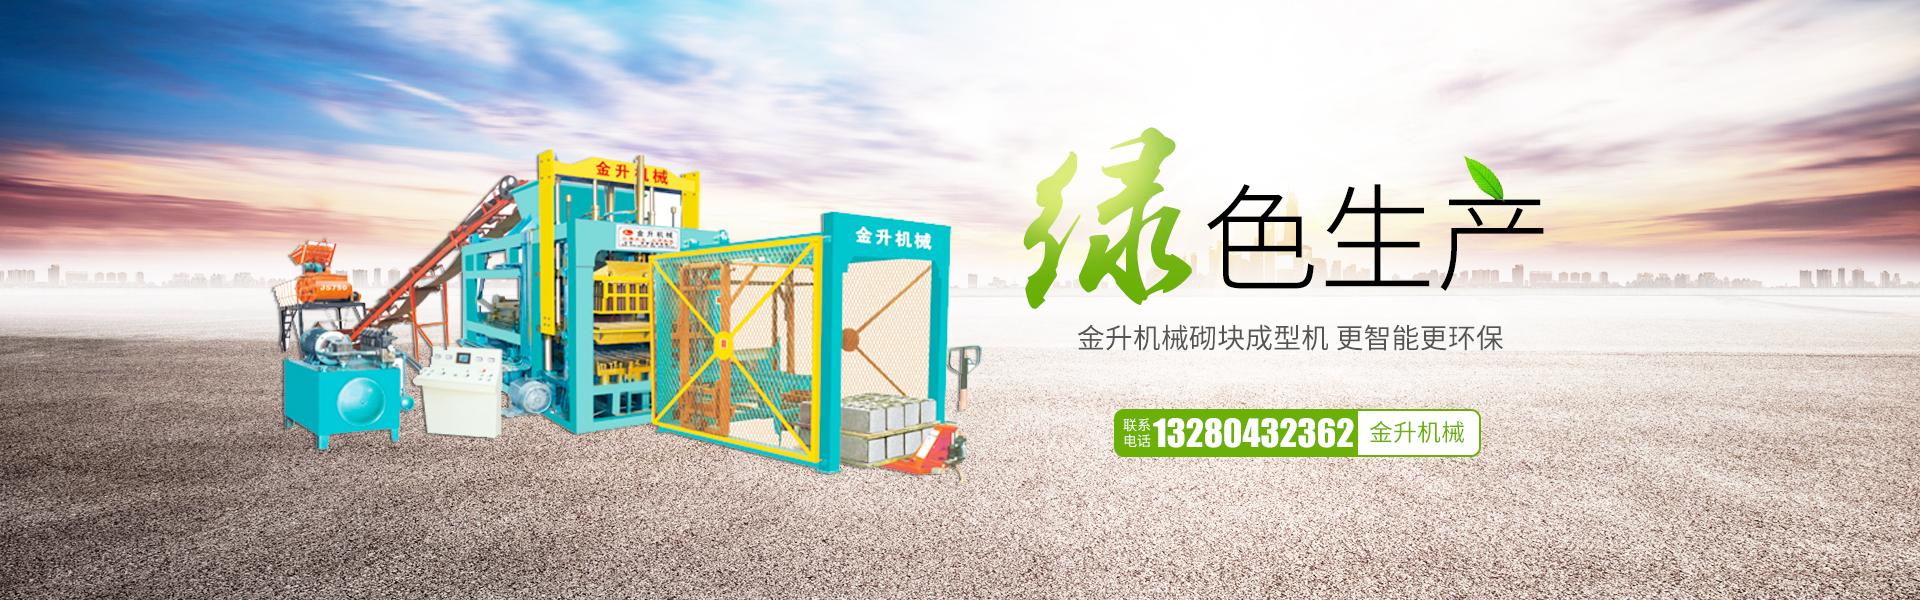 砌块成型机厂家,全自动砌块成型机,变频全自动砌块成型机,数控全自动折弯机